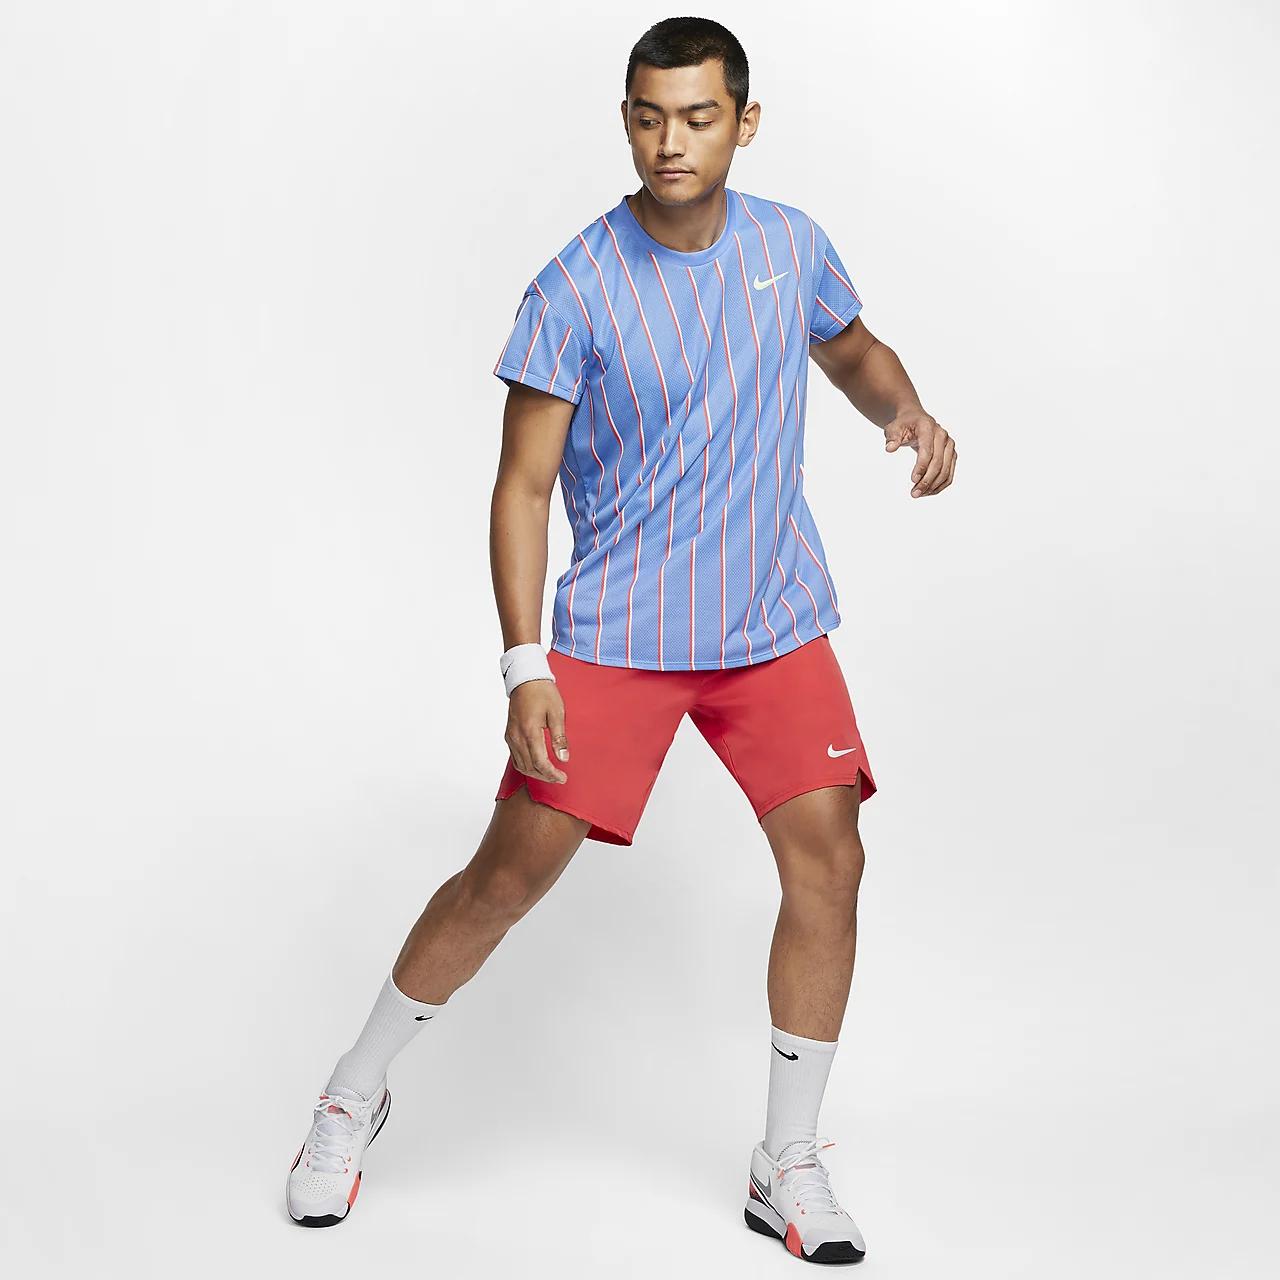 나이키코트 슬램 남자 반팔 테니스 톱 CI9150-478